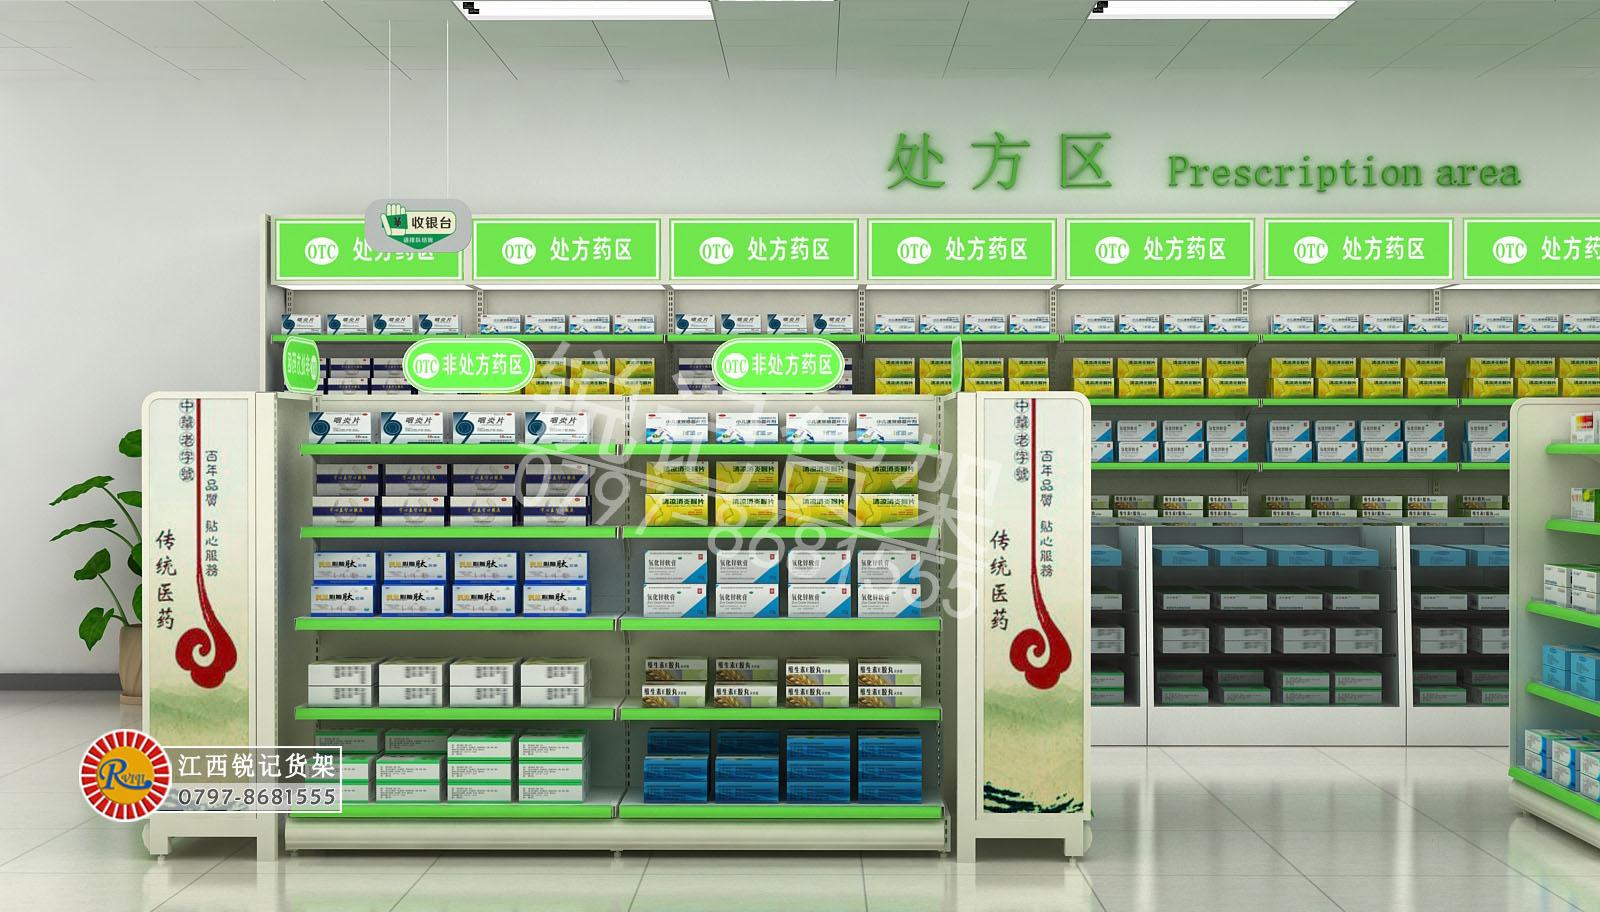 社区药店货架的摆放模式